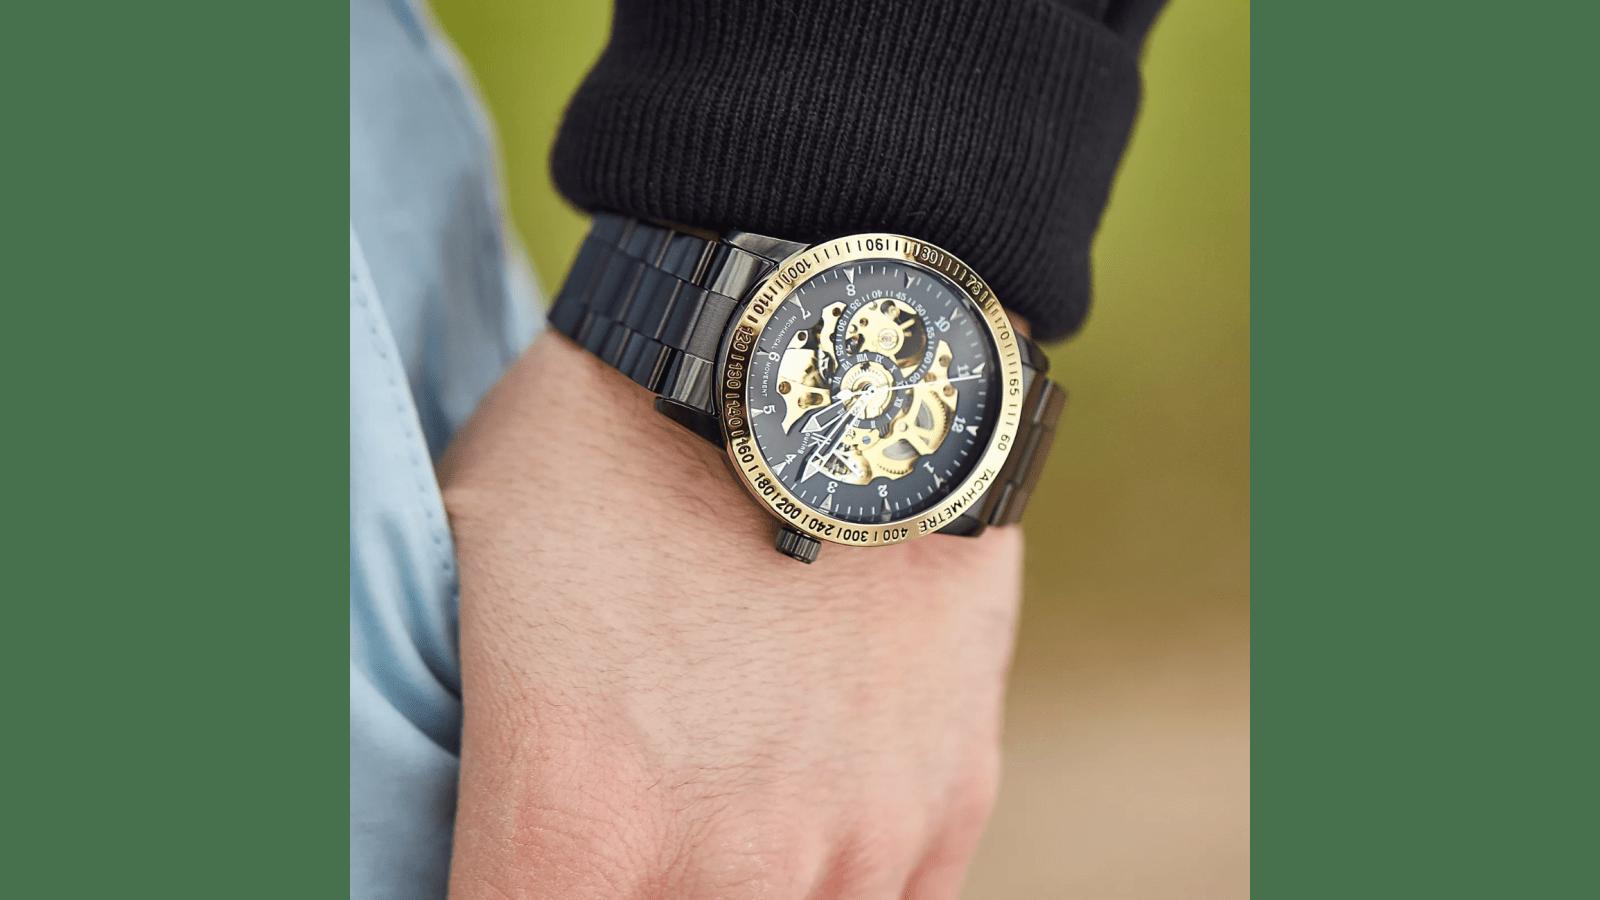 0121aff14 Čierne hodinky Rolat s lunetou v zlatej farbe & Náramok z drevených korálok  & Koženkové puzdro na hodinky - 6 hodiniek | Doručenie zdarma | Trendhim